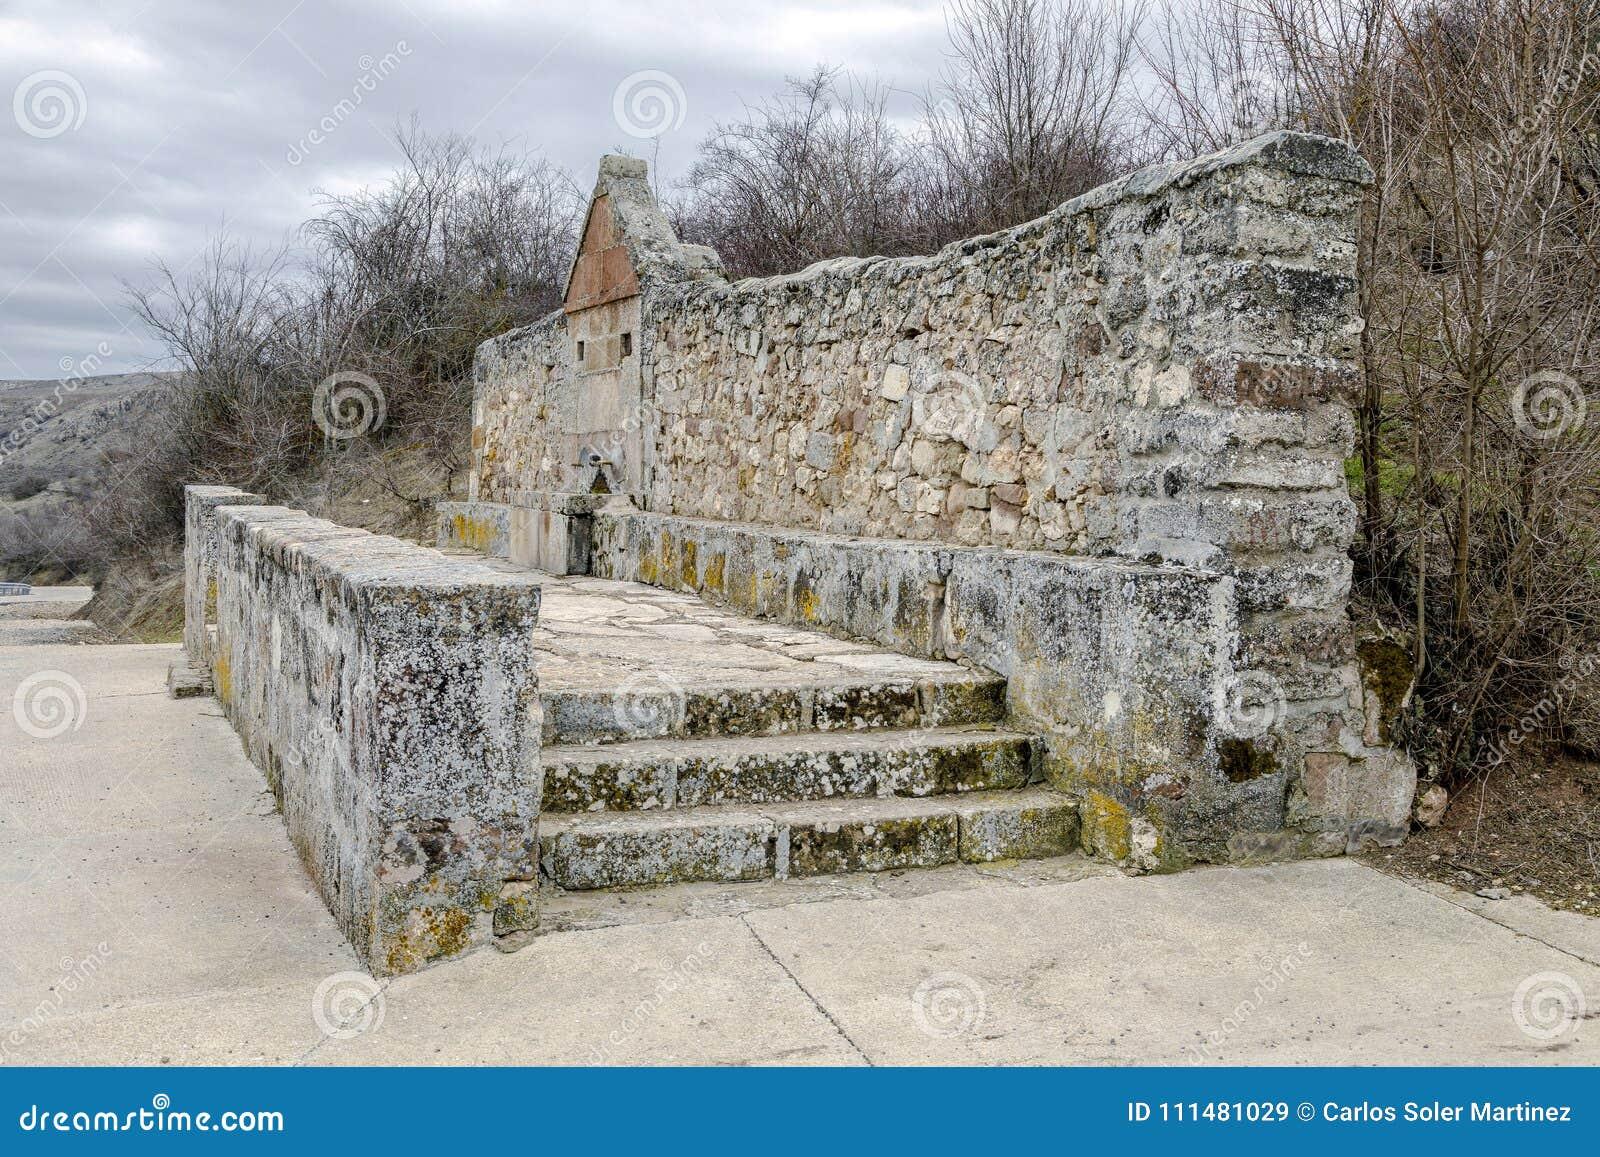 Quelle des allgemeinen trinkenden Wasserkanals in der barahona Landstraße Medinaceli Spanien